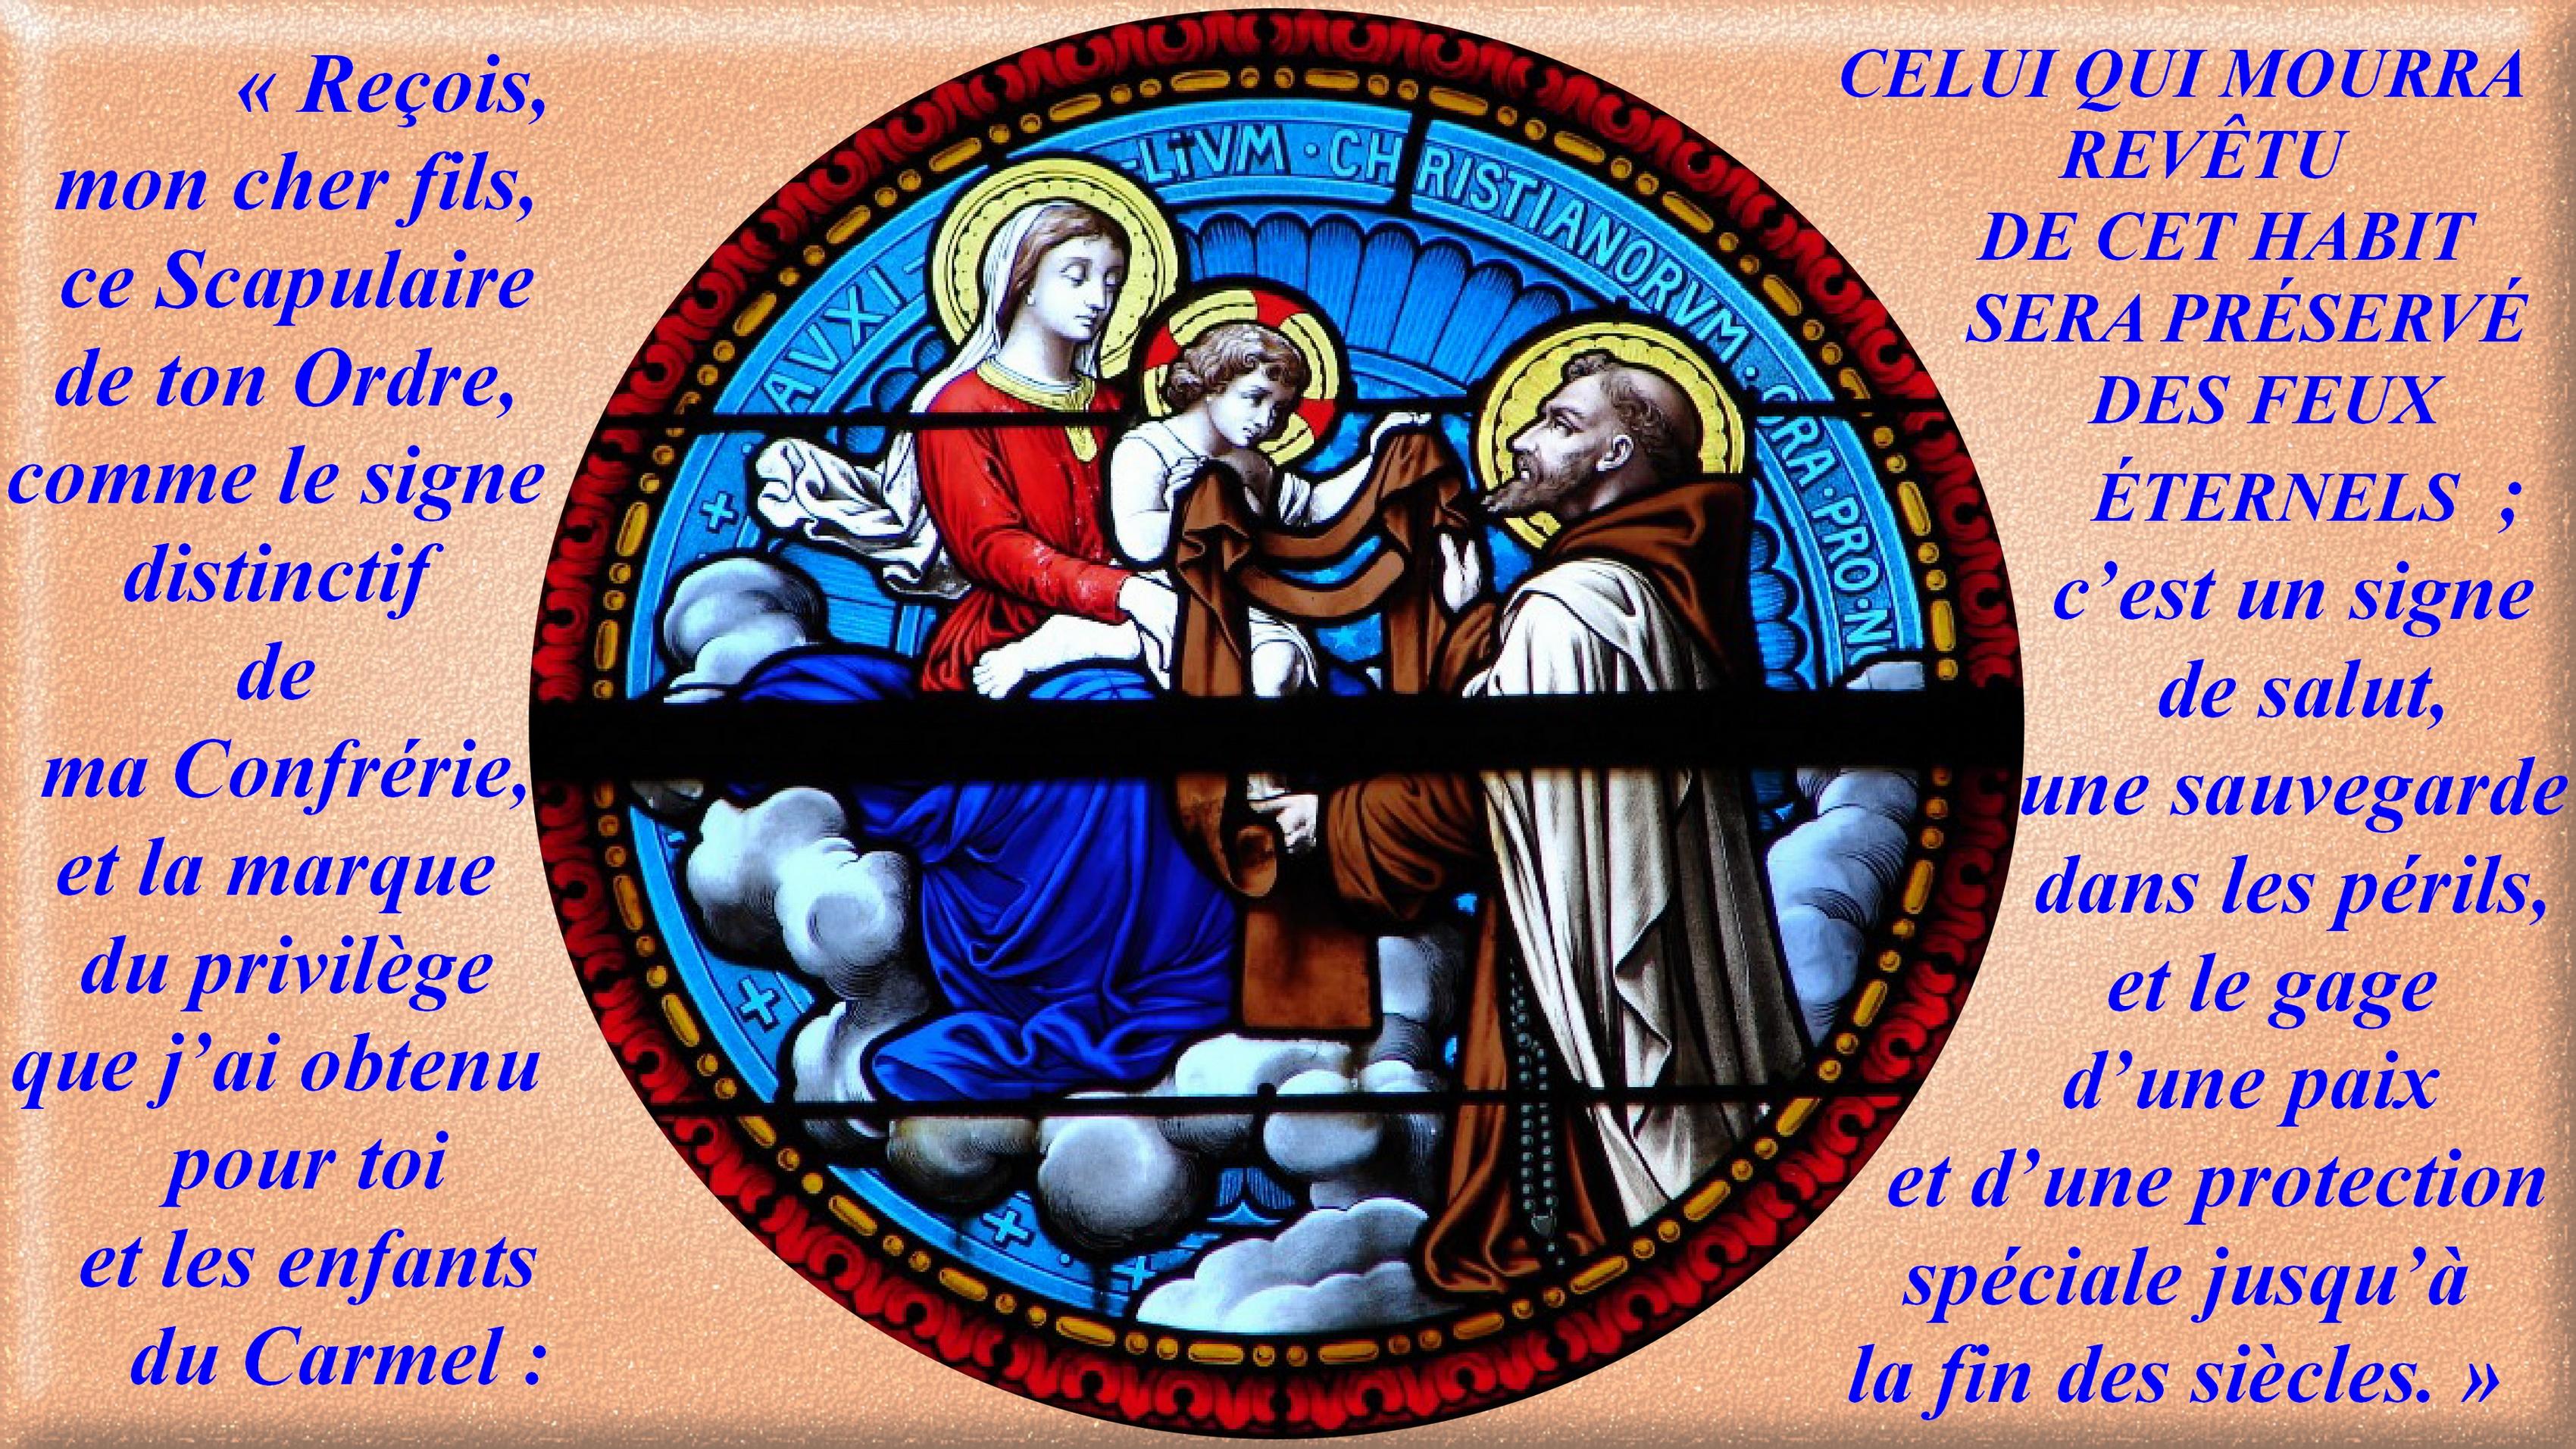 CALENDRIER CATHOLIQUE 2019 (Cantiques, Prières & Images) - Page 2 Notre-dame-du-mon...on-stock-565e7ec